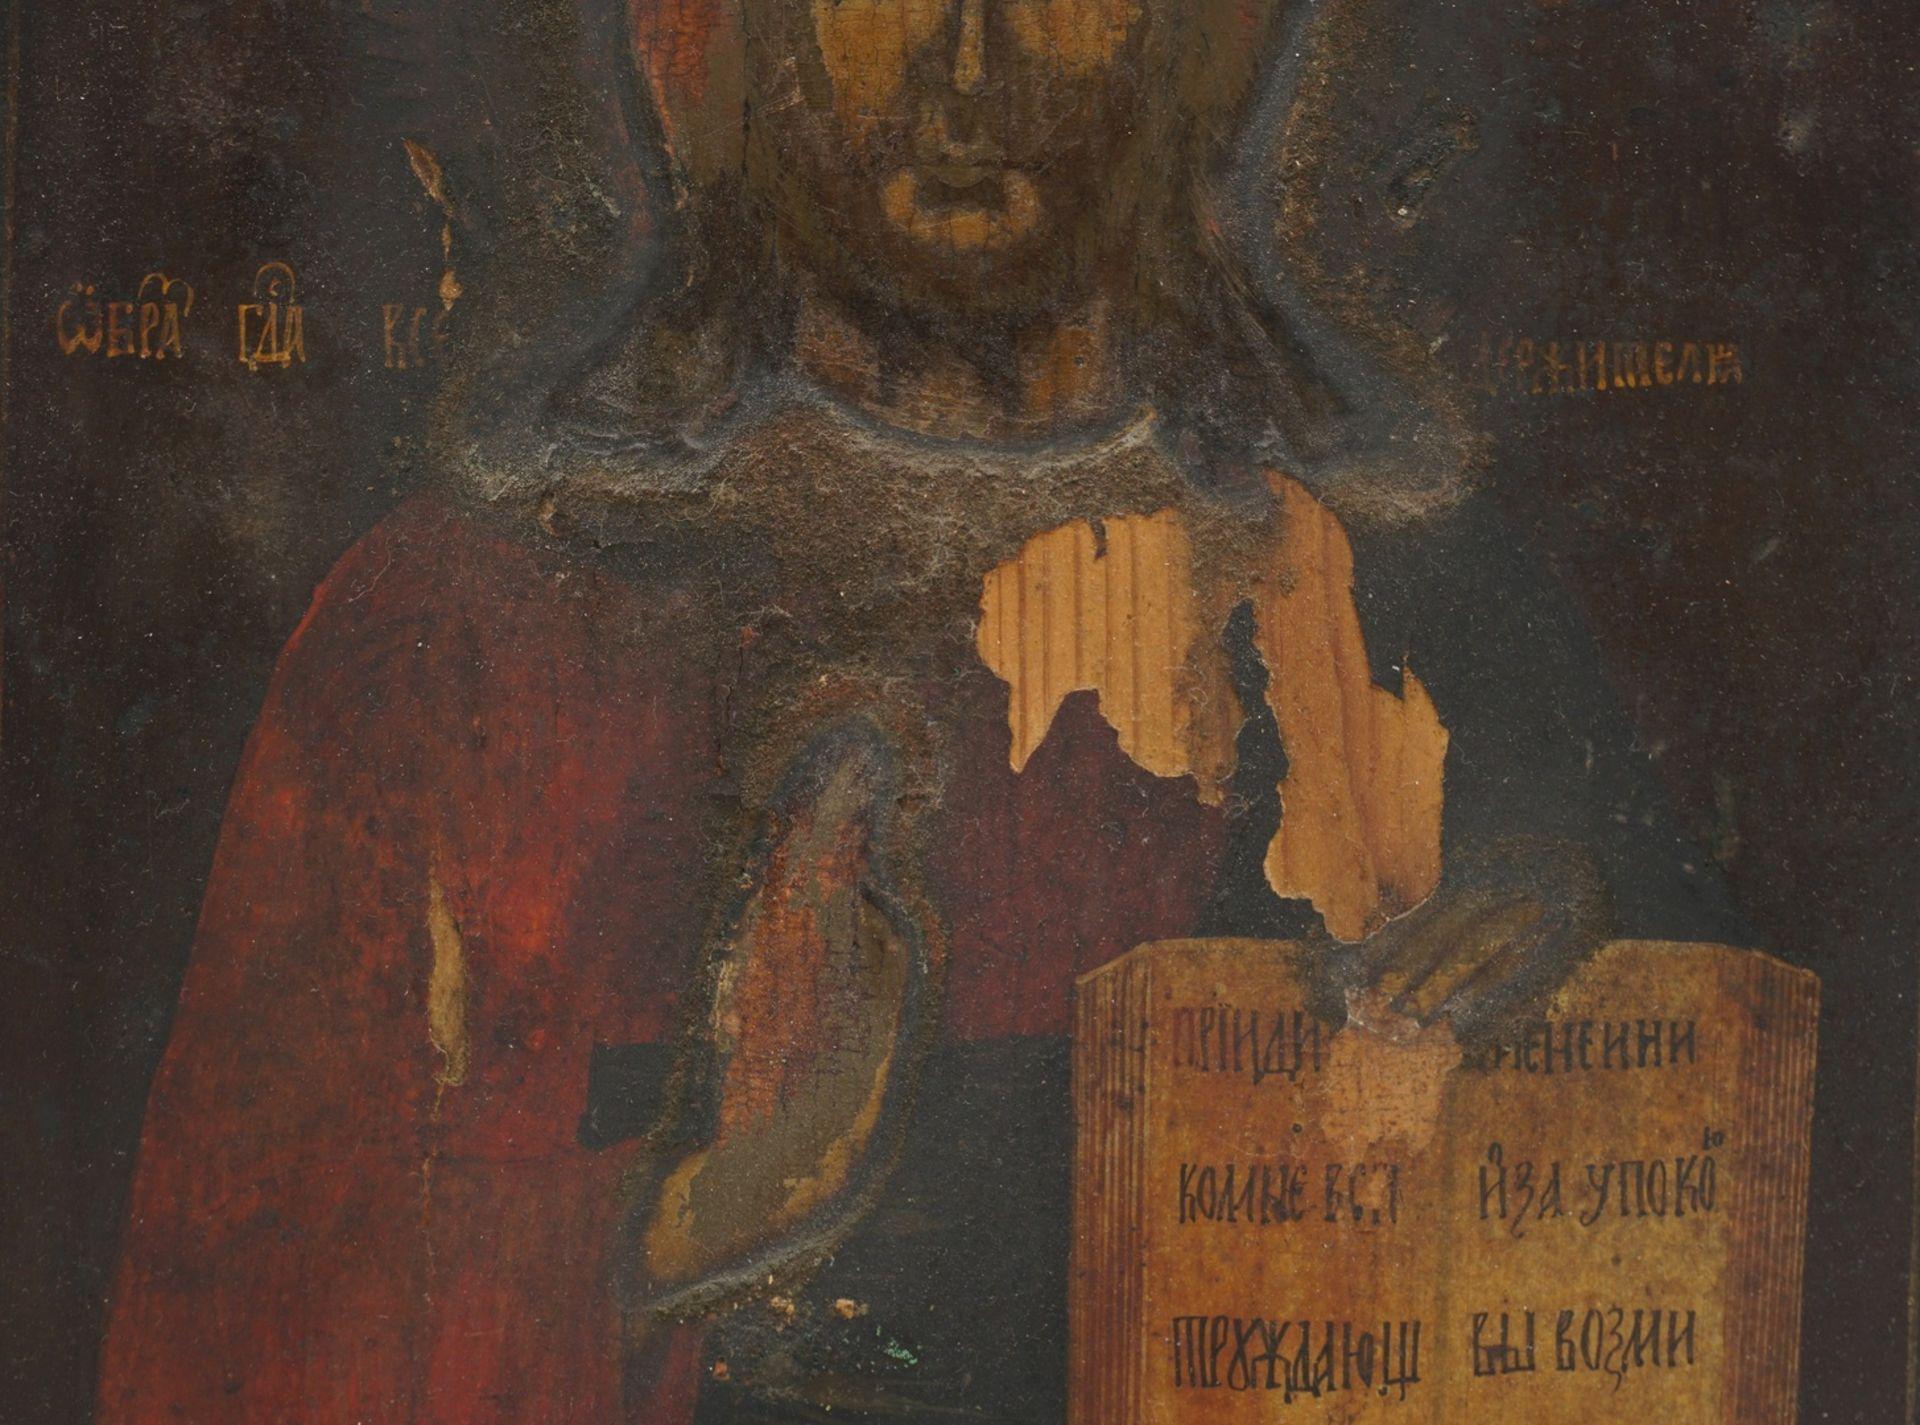 Christus Pantokrator / Weltenherrscher mit Riza, Russland - Bild 4 aus 4